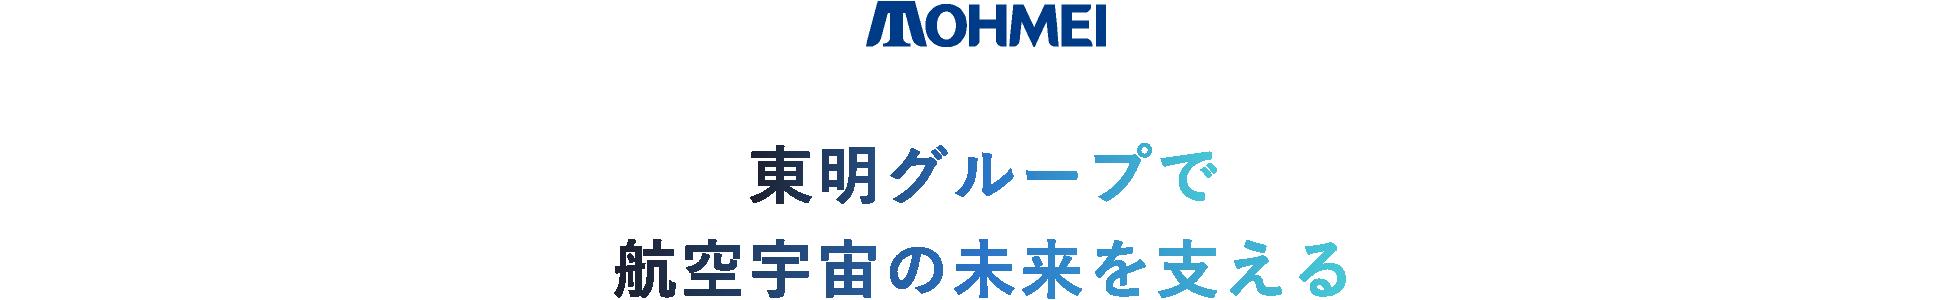 TOHMEI / 東明グループで航空宇宙の未来を支える